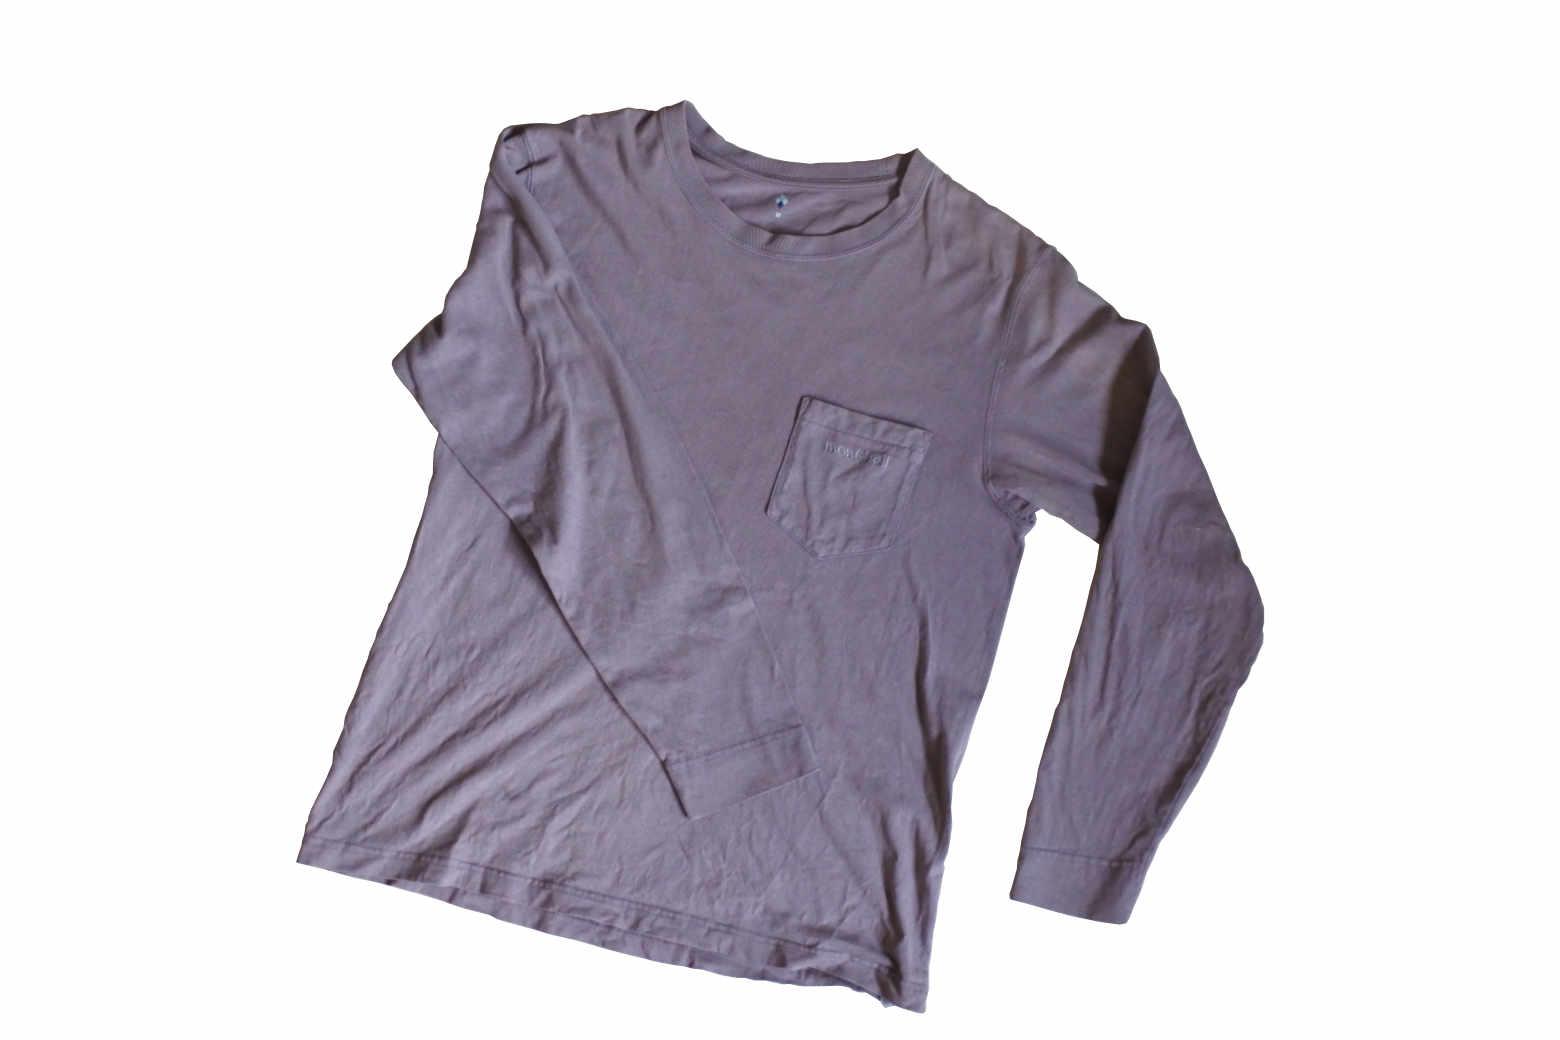 ウォッシュアウト ペアスキンコットンTシャツ 長袖